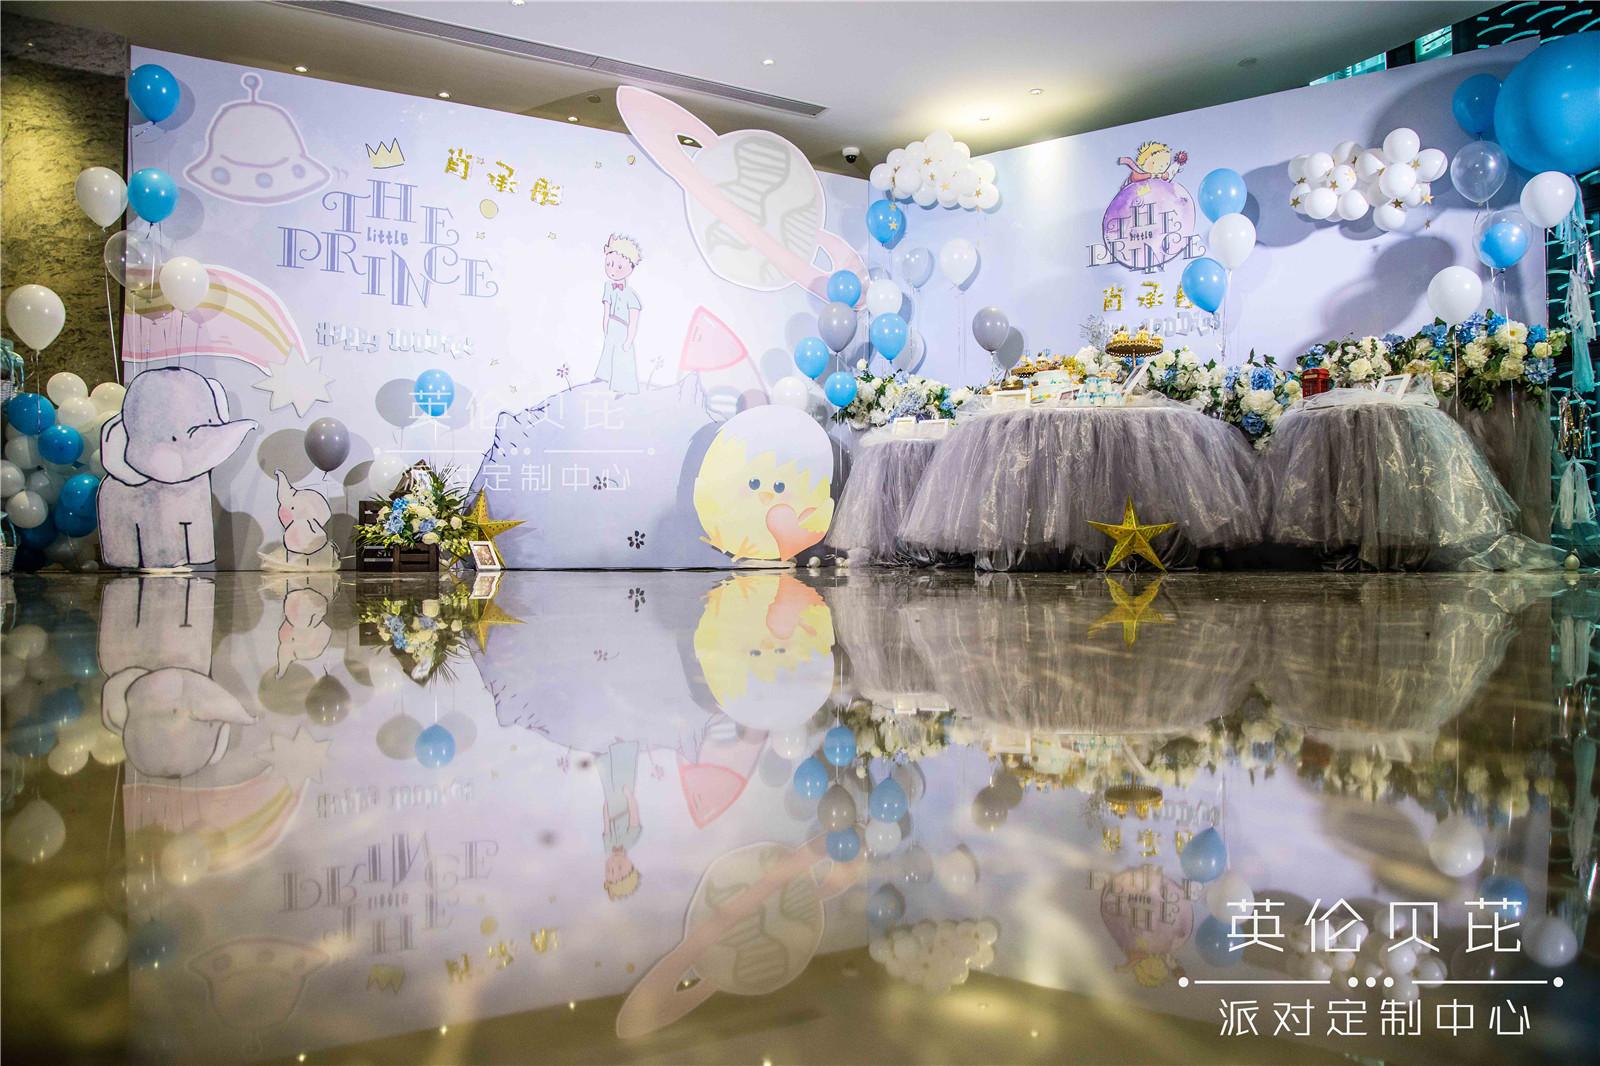 小王子 l 百日主题派对策划